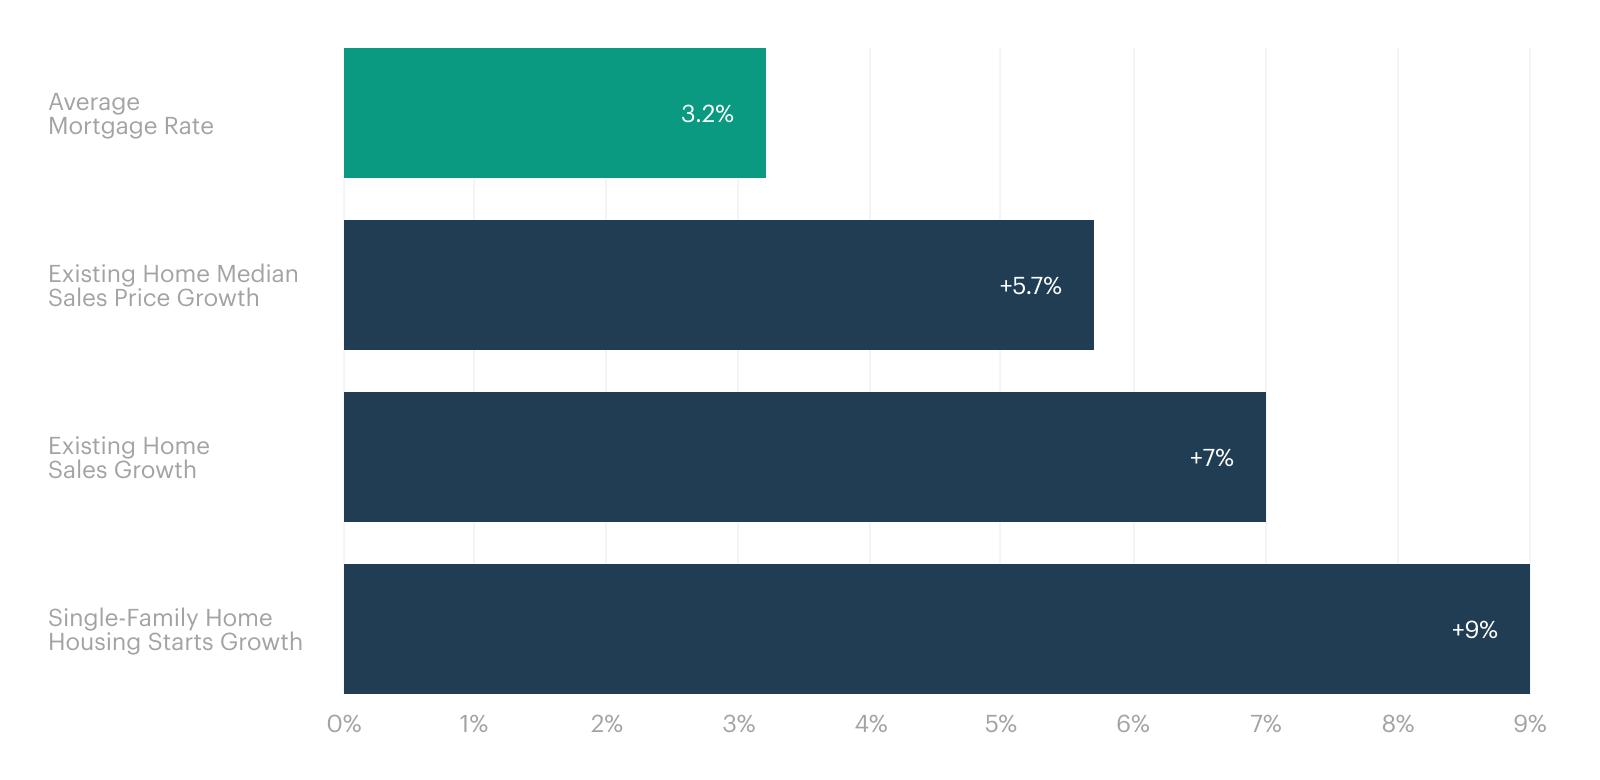 Horizontal Bar Chart: Summary of Realtor.com 2021 Housing Market Forecasts